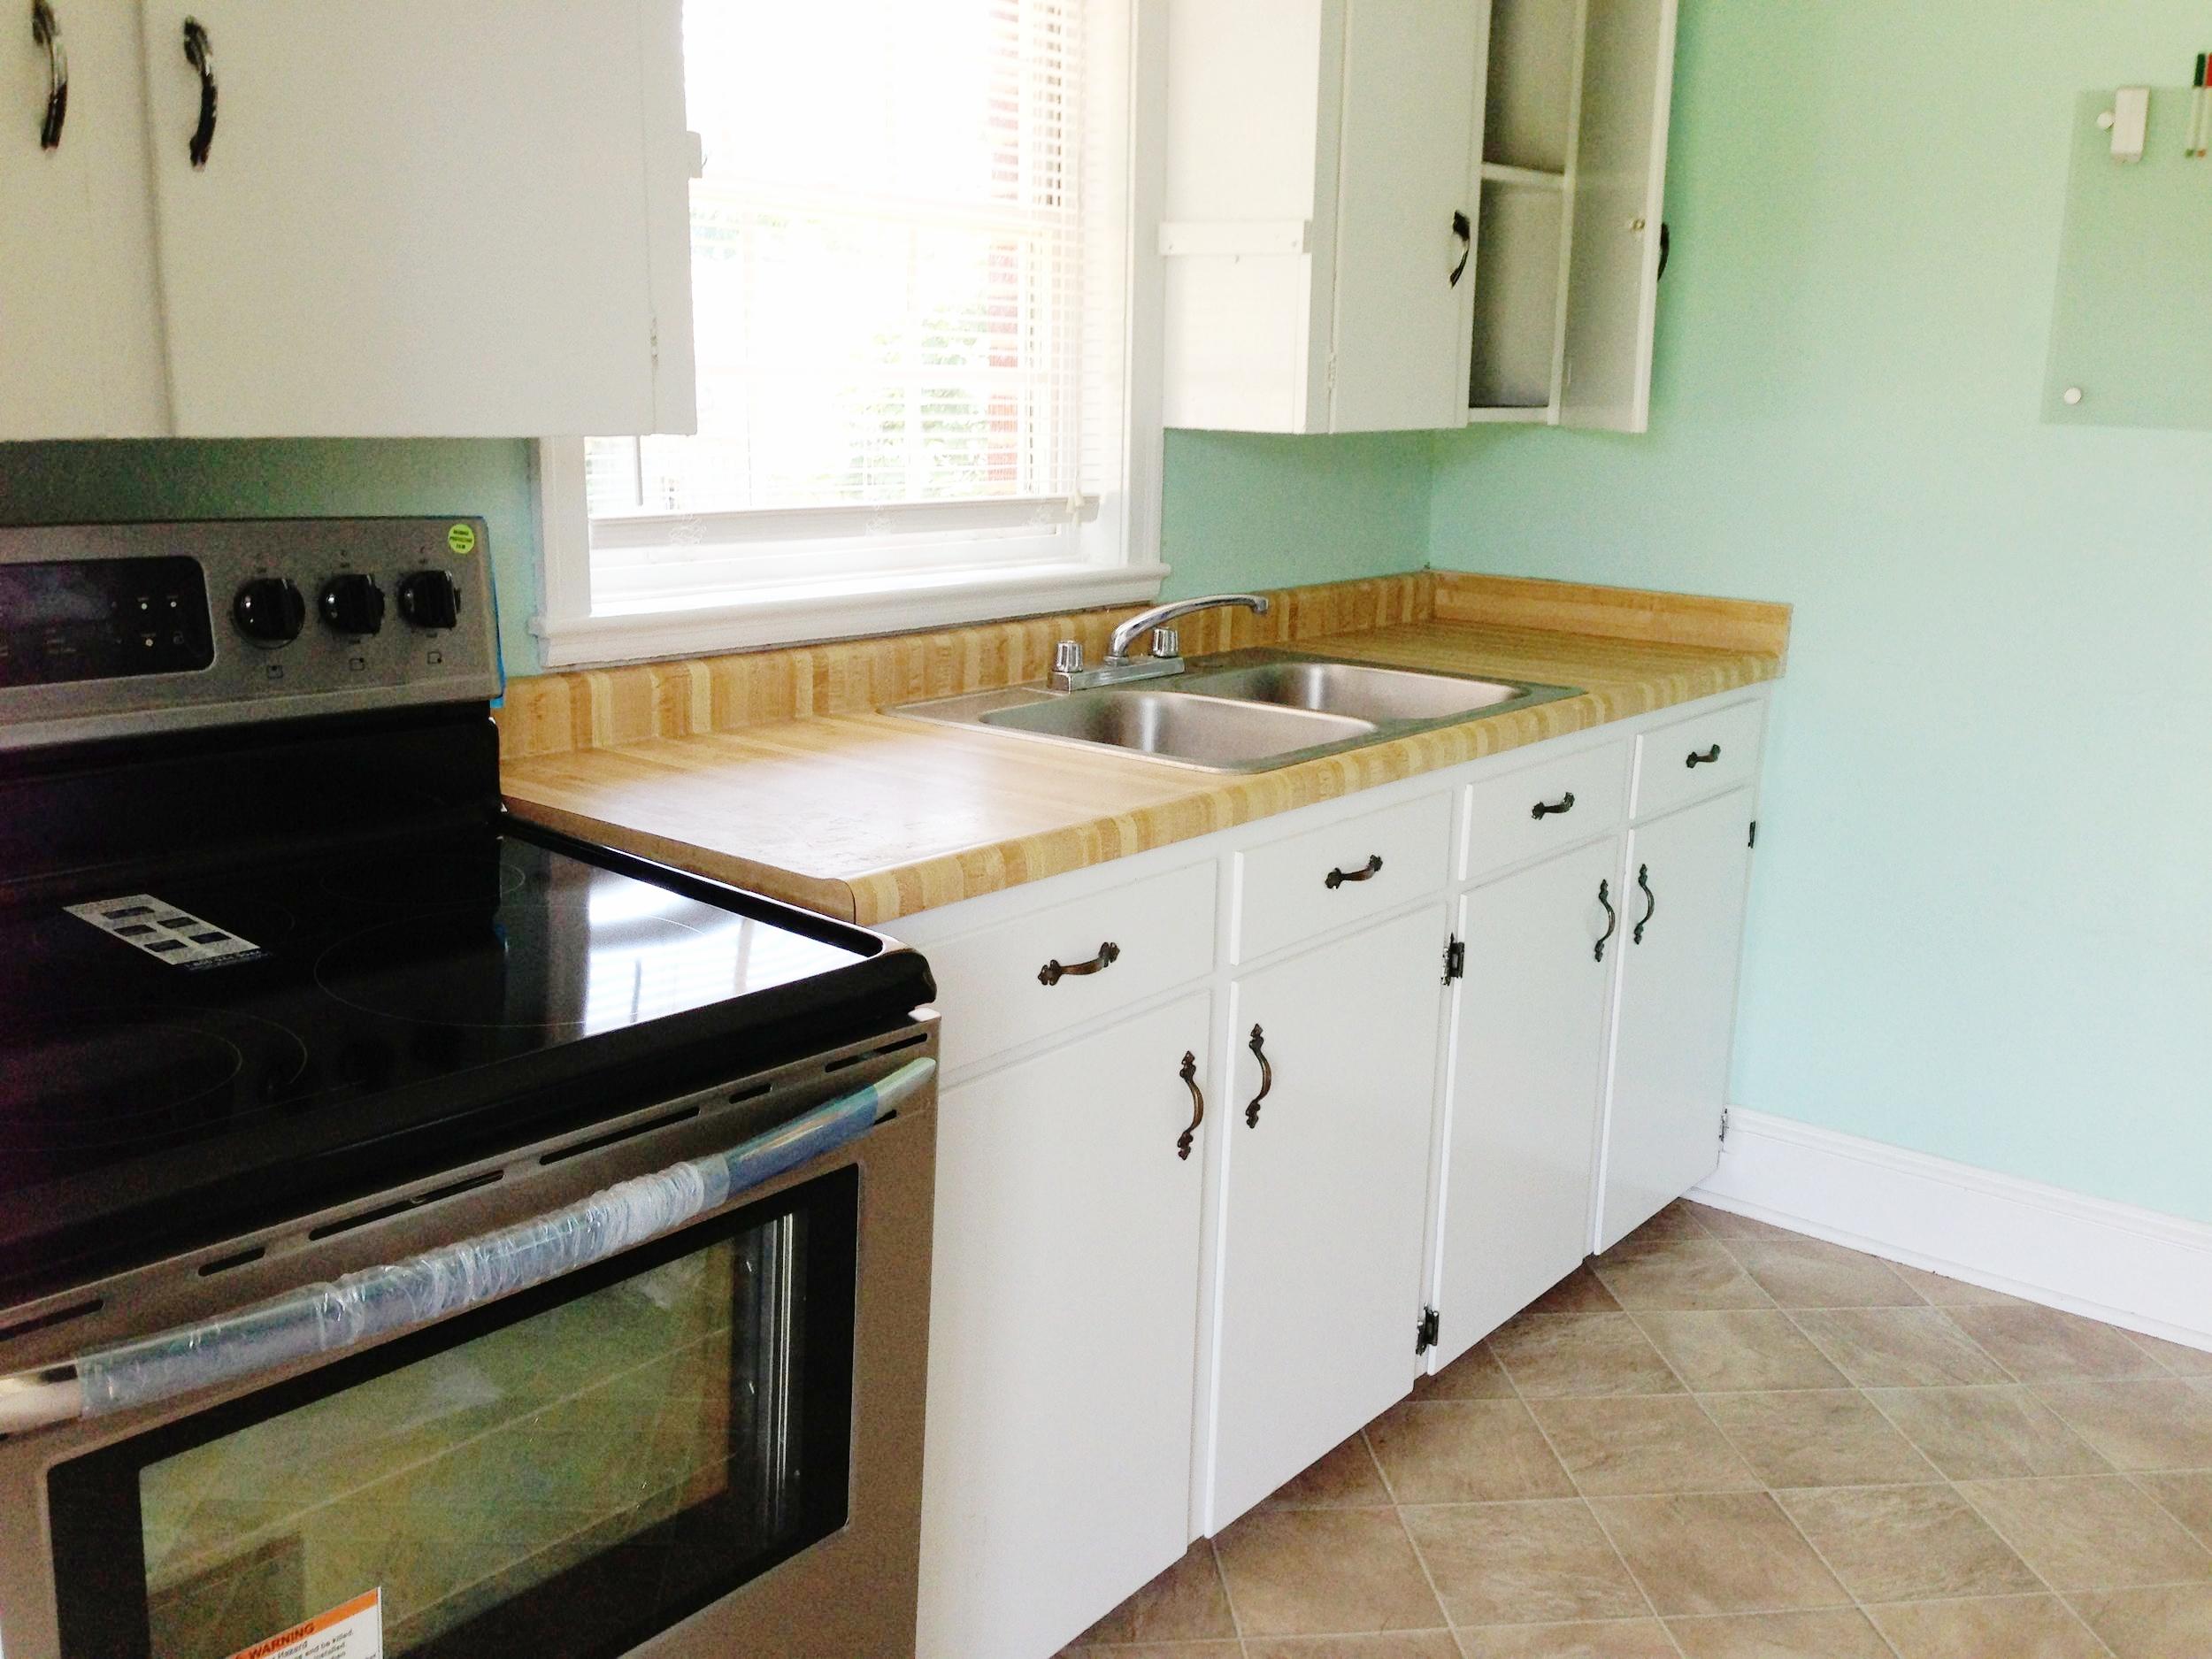 kitchen stove.JPG